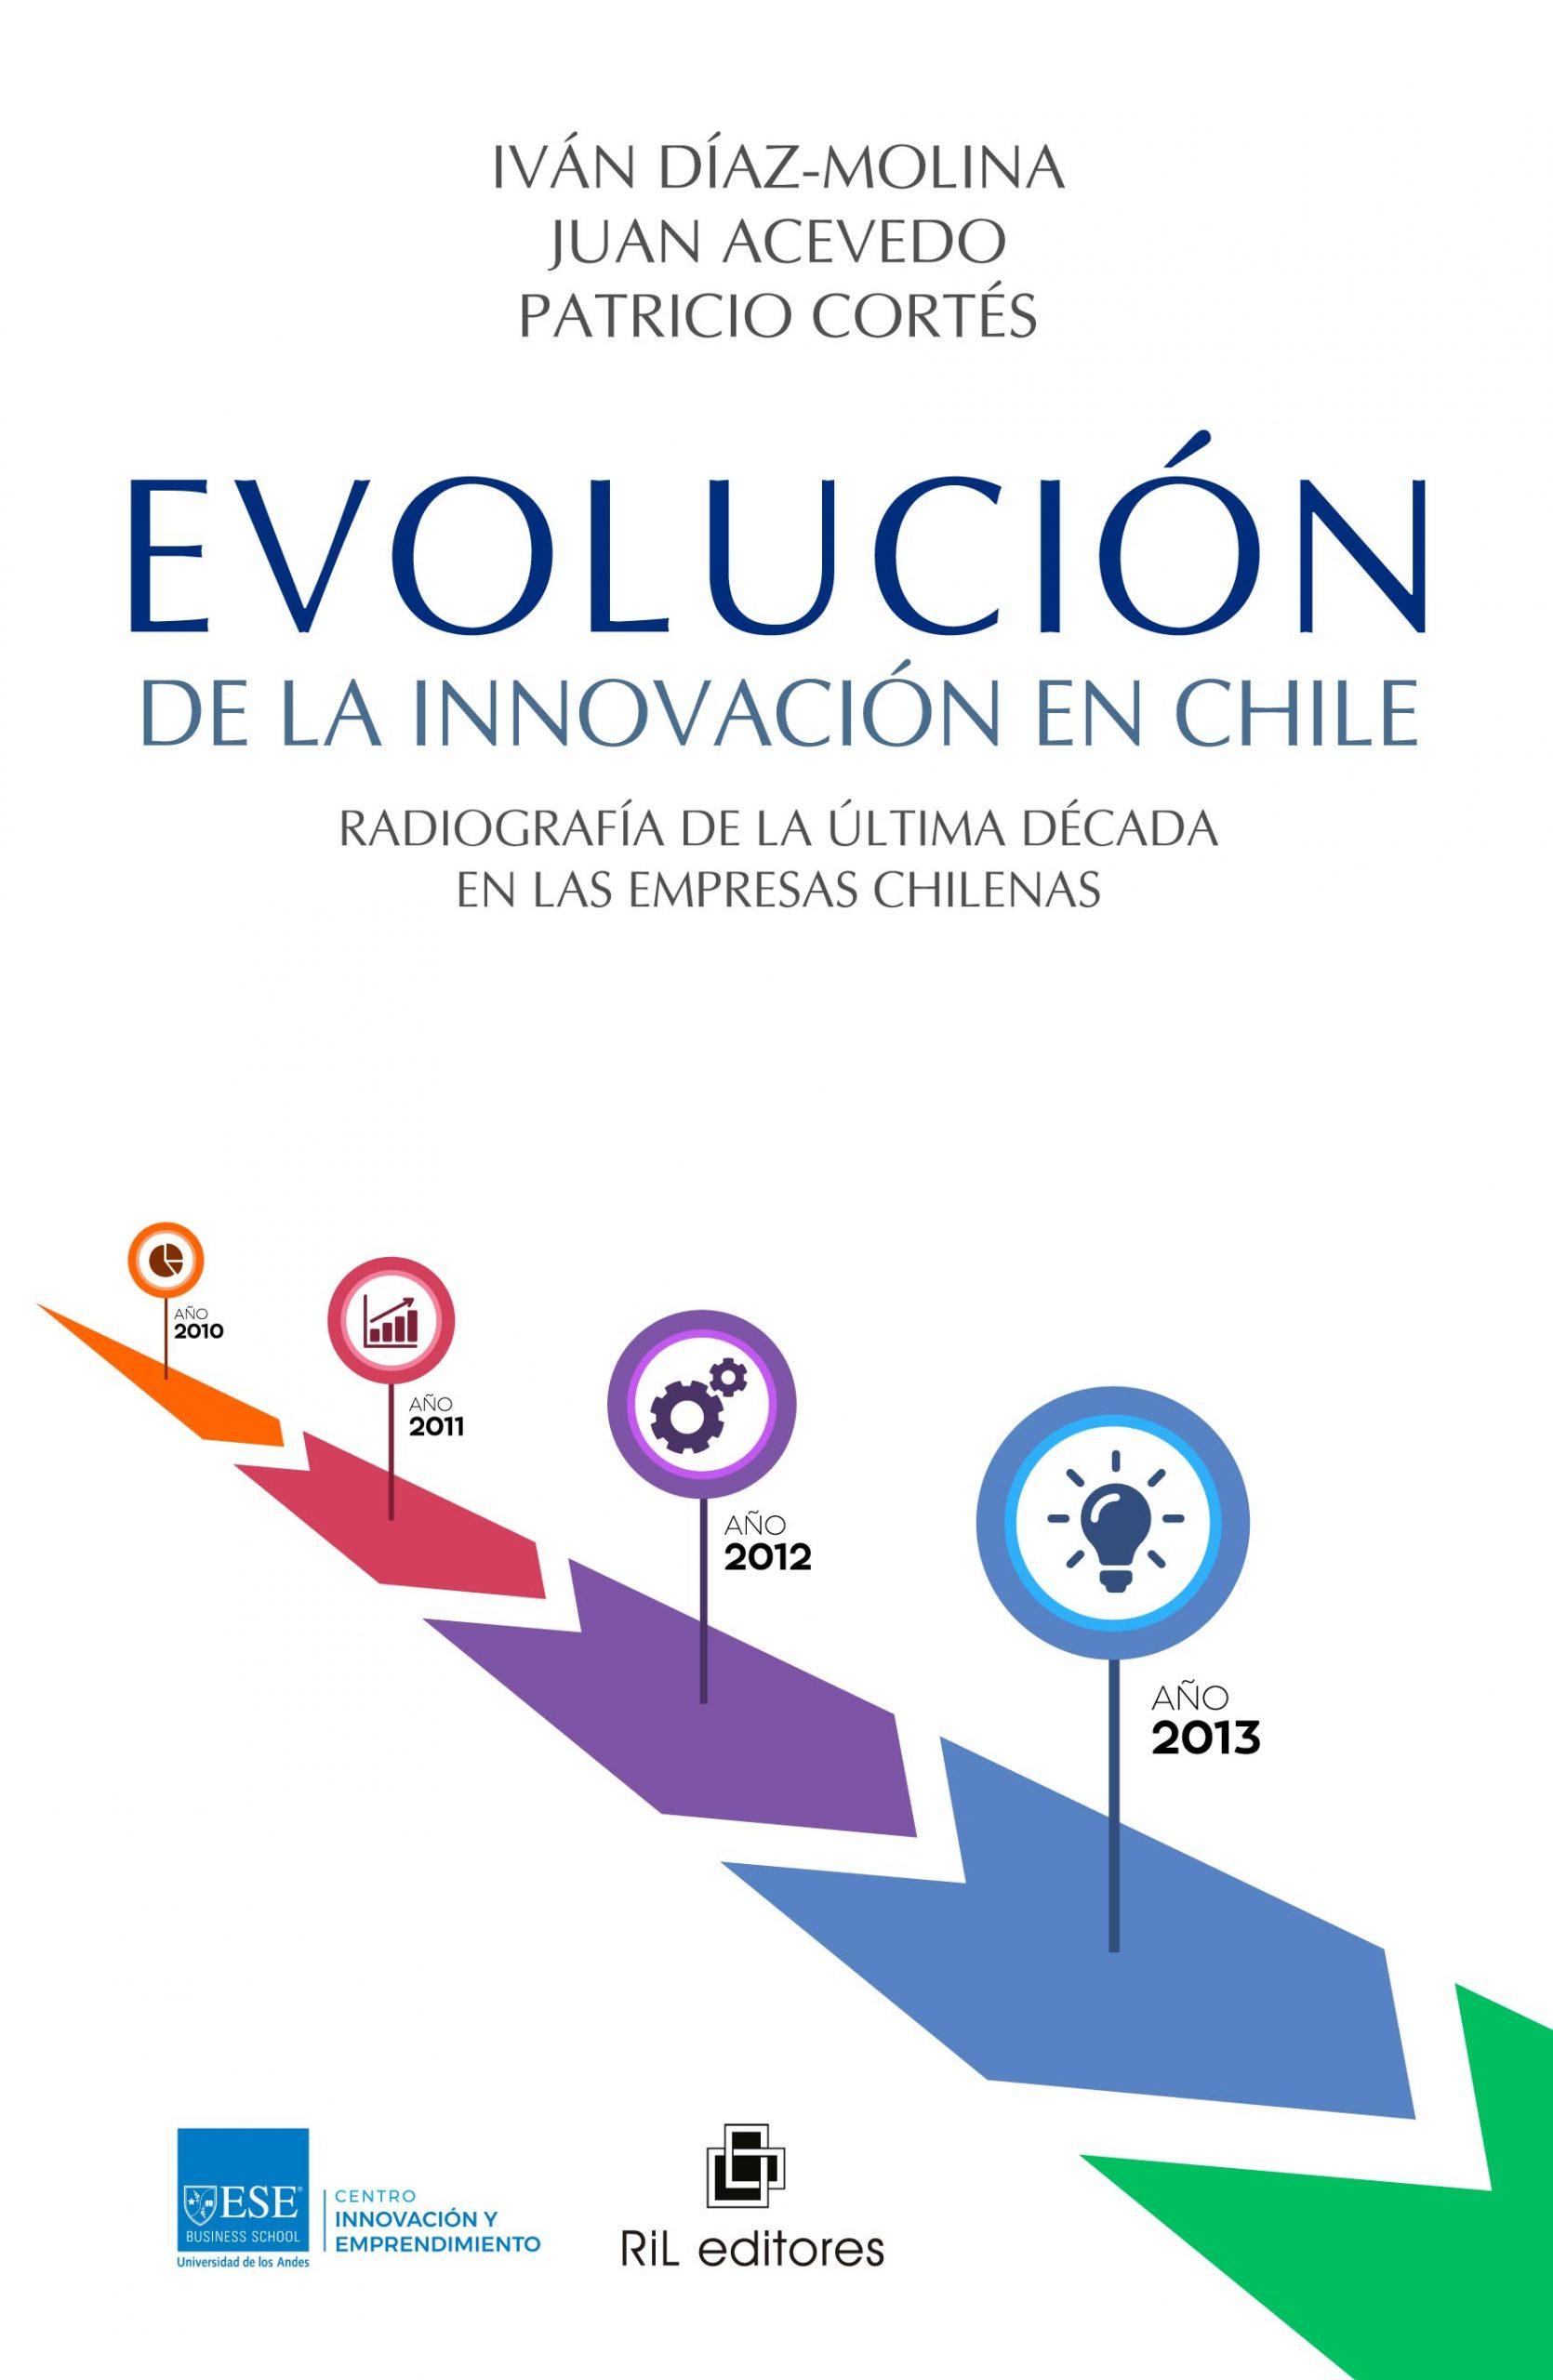 Evolución de la innovación en Chile. Radiografía de la última década en las empresas chilenas 1